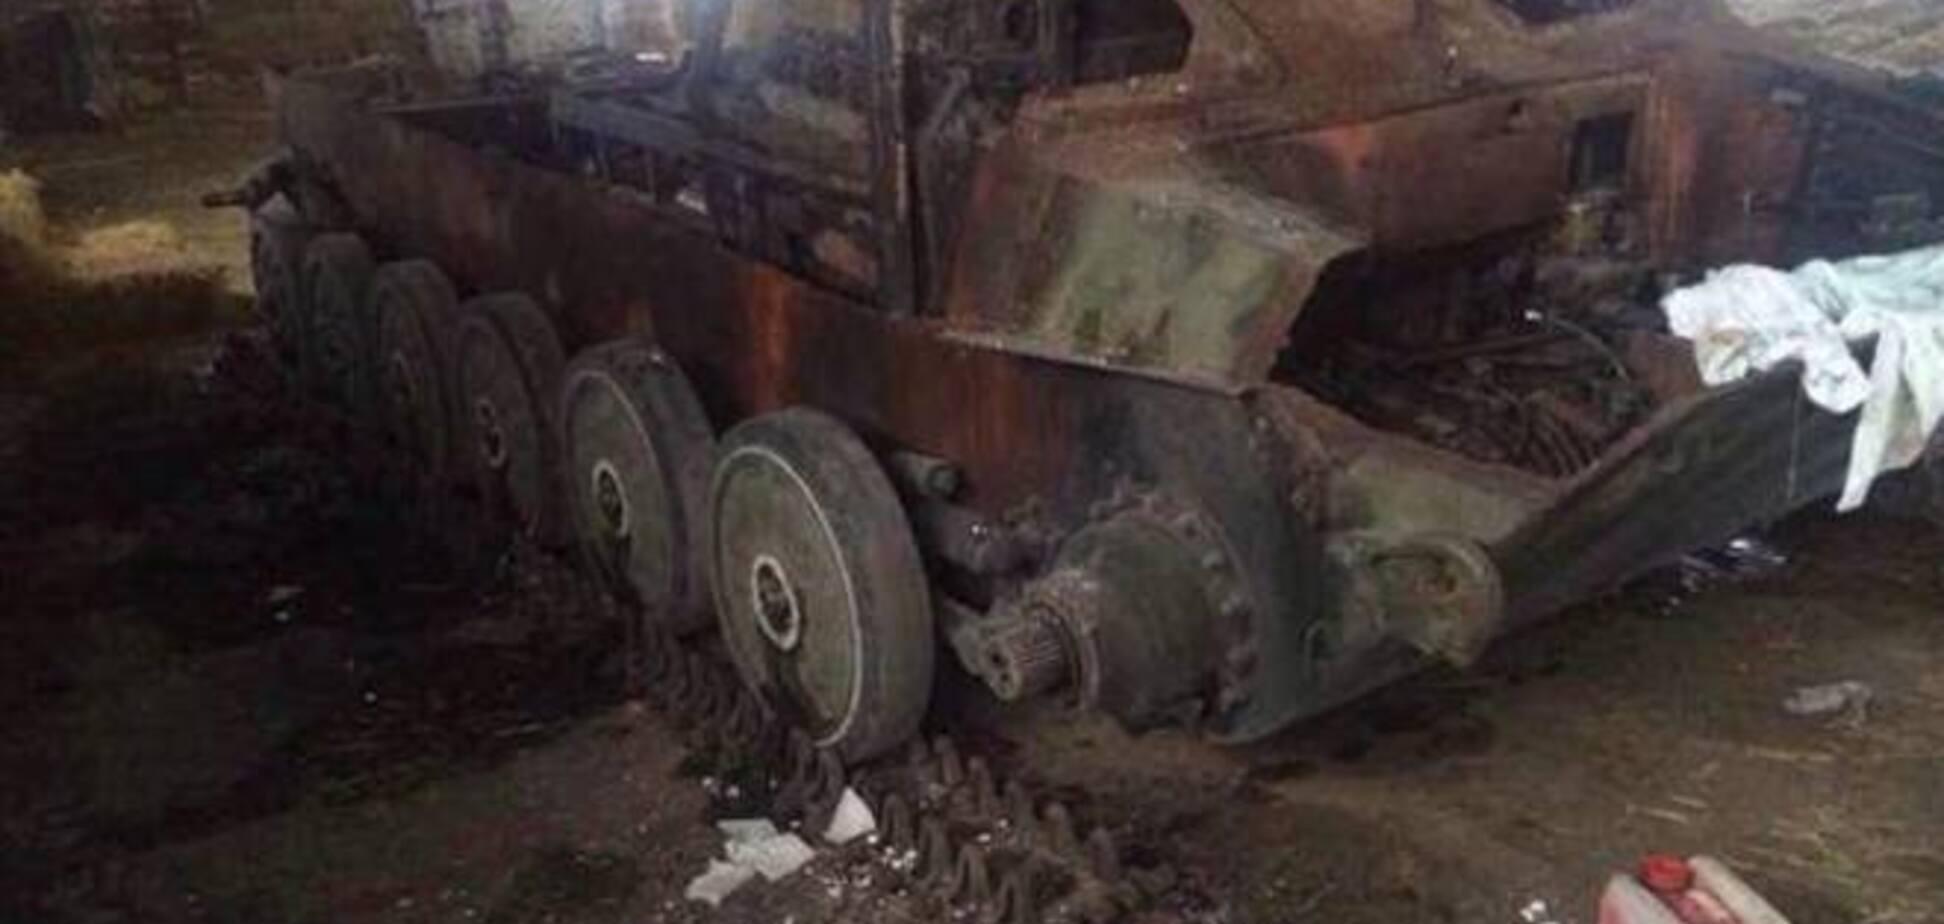 Украинские партизаны уничтожили 32 боевиков: это вам, твари, за Волноваху